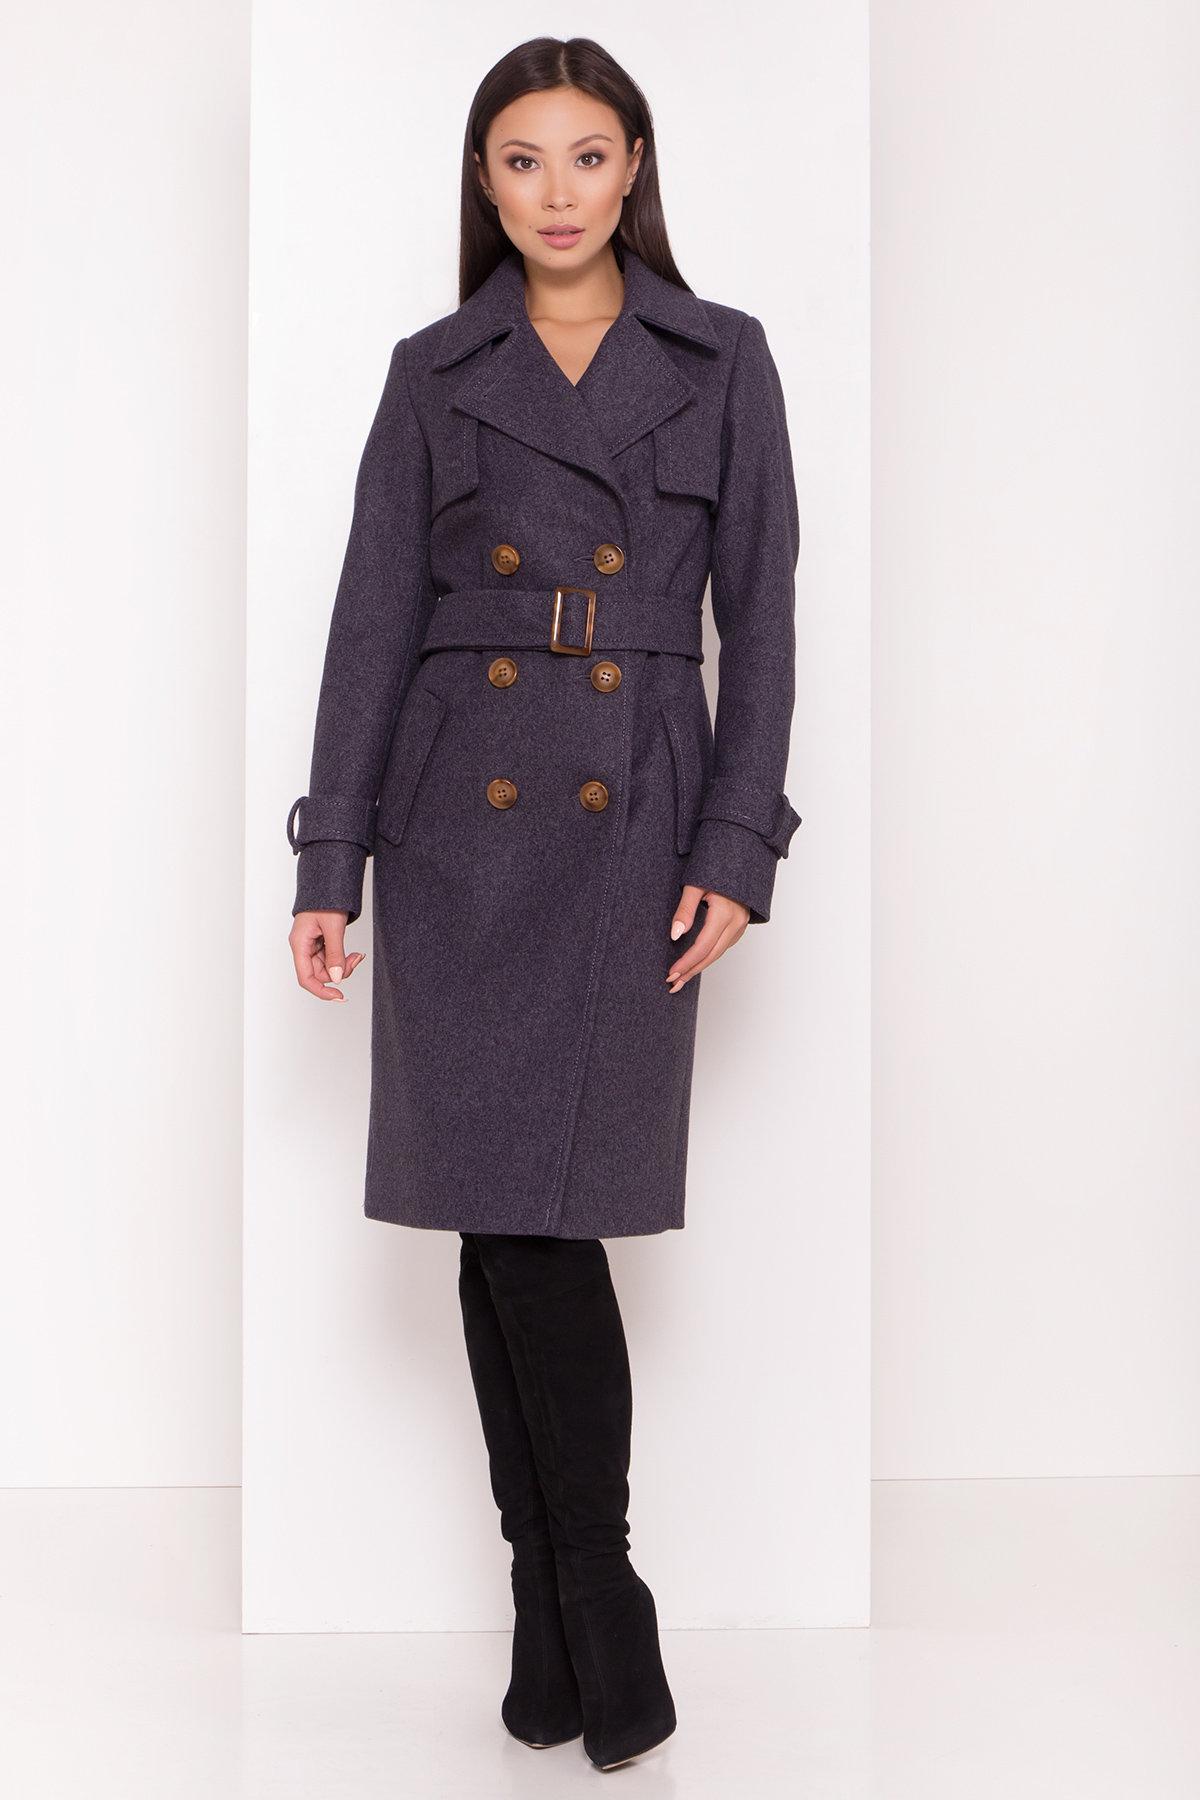 Двубортное пальто демисезон Монте 8089 АРТ. 44032 Цвет: т. синий 543 - фото 8, интернет магазин tm-modus.ru